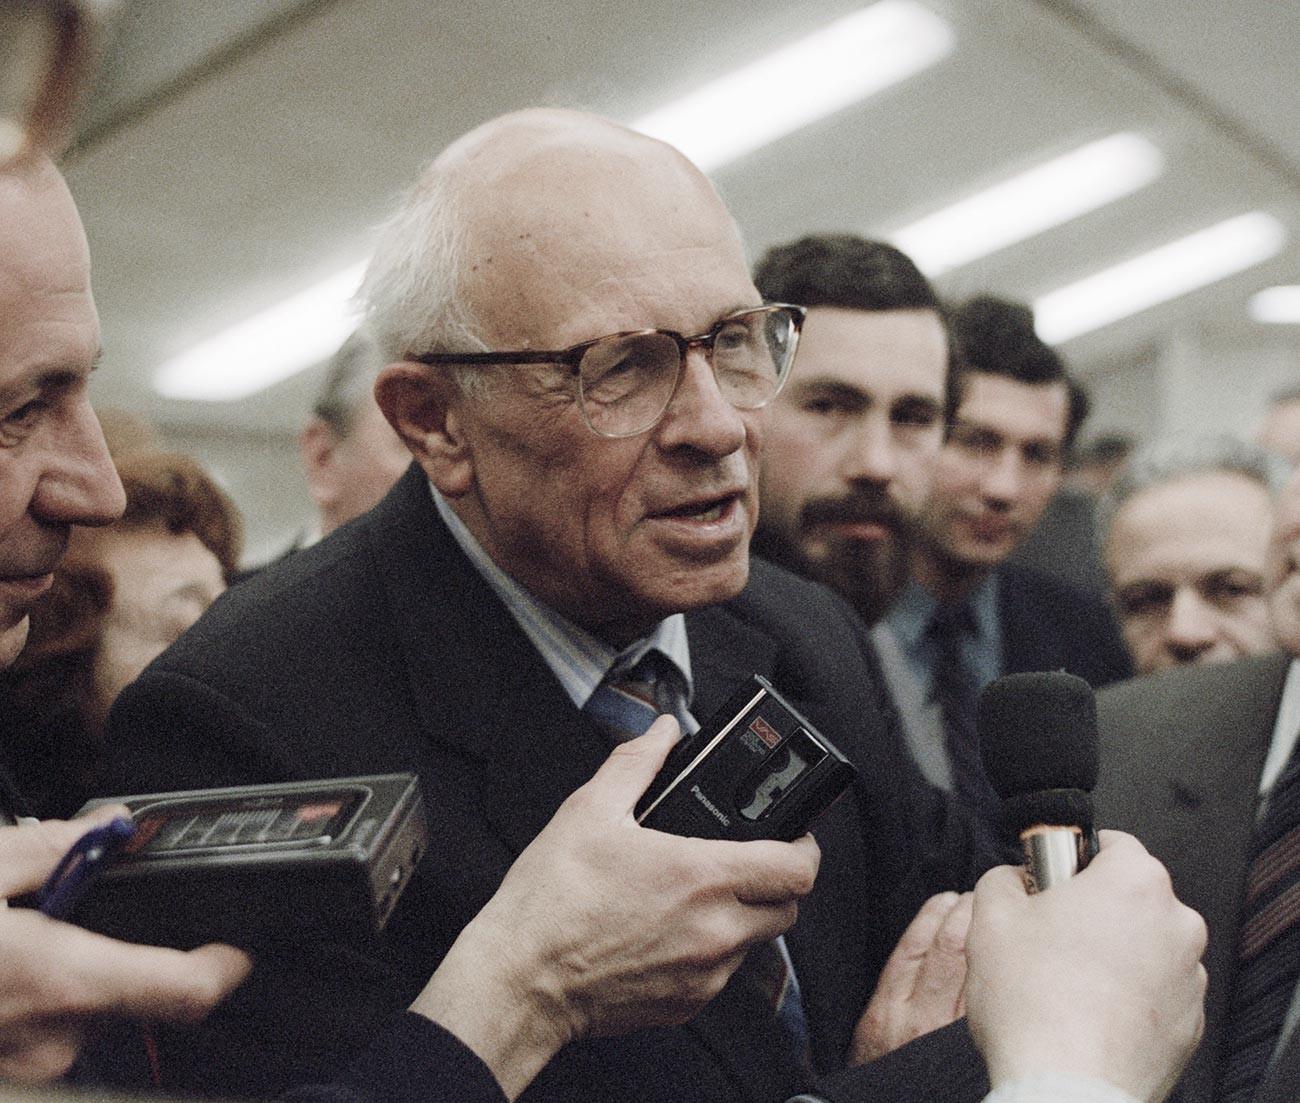 Академик Андреј Сахаров даје интервју на конференции АН СССР.